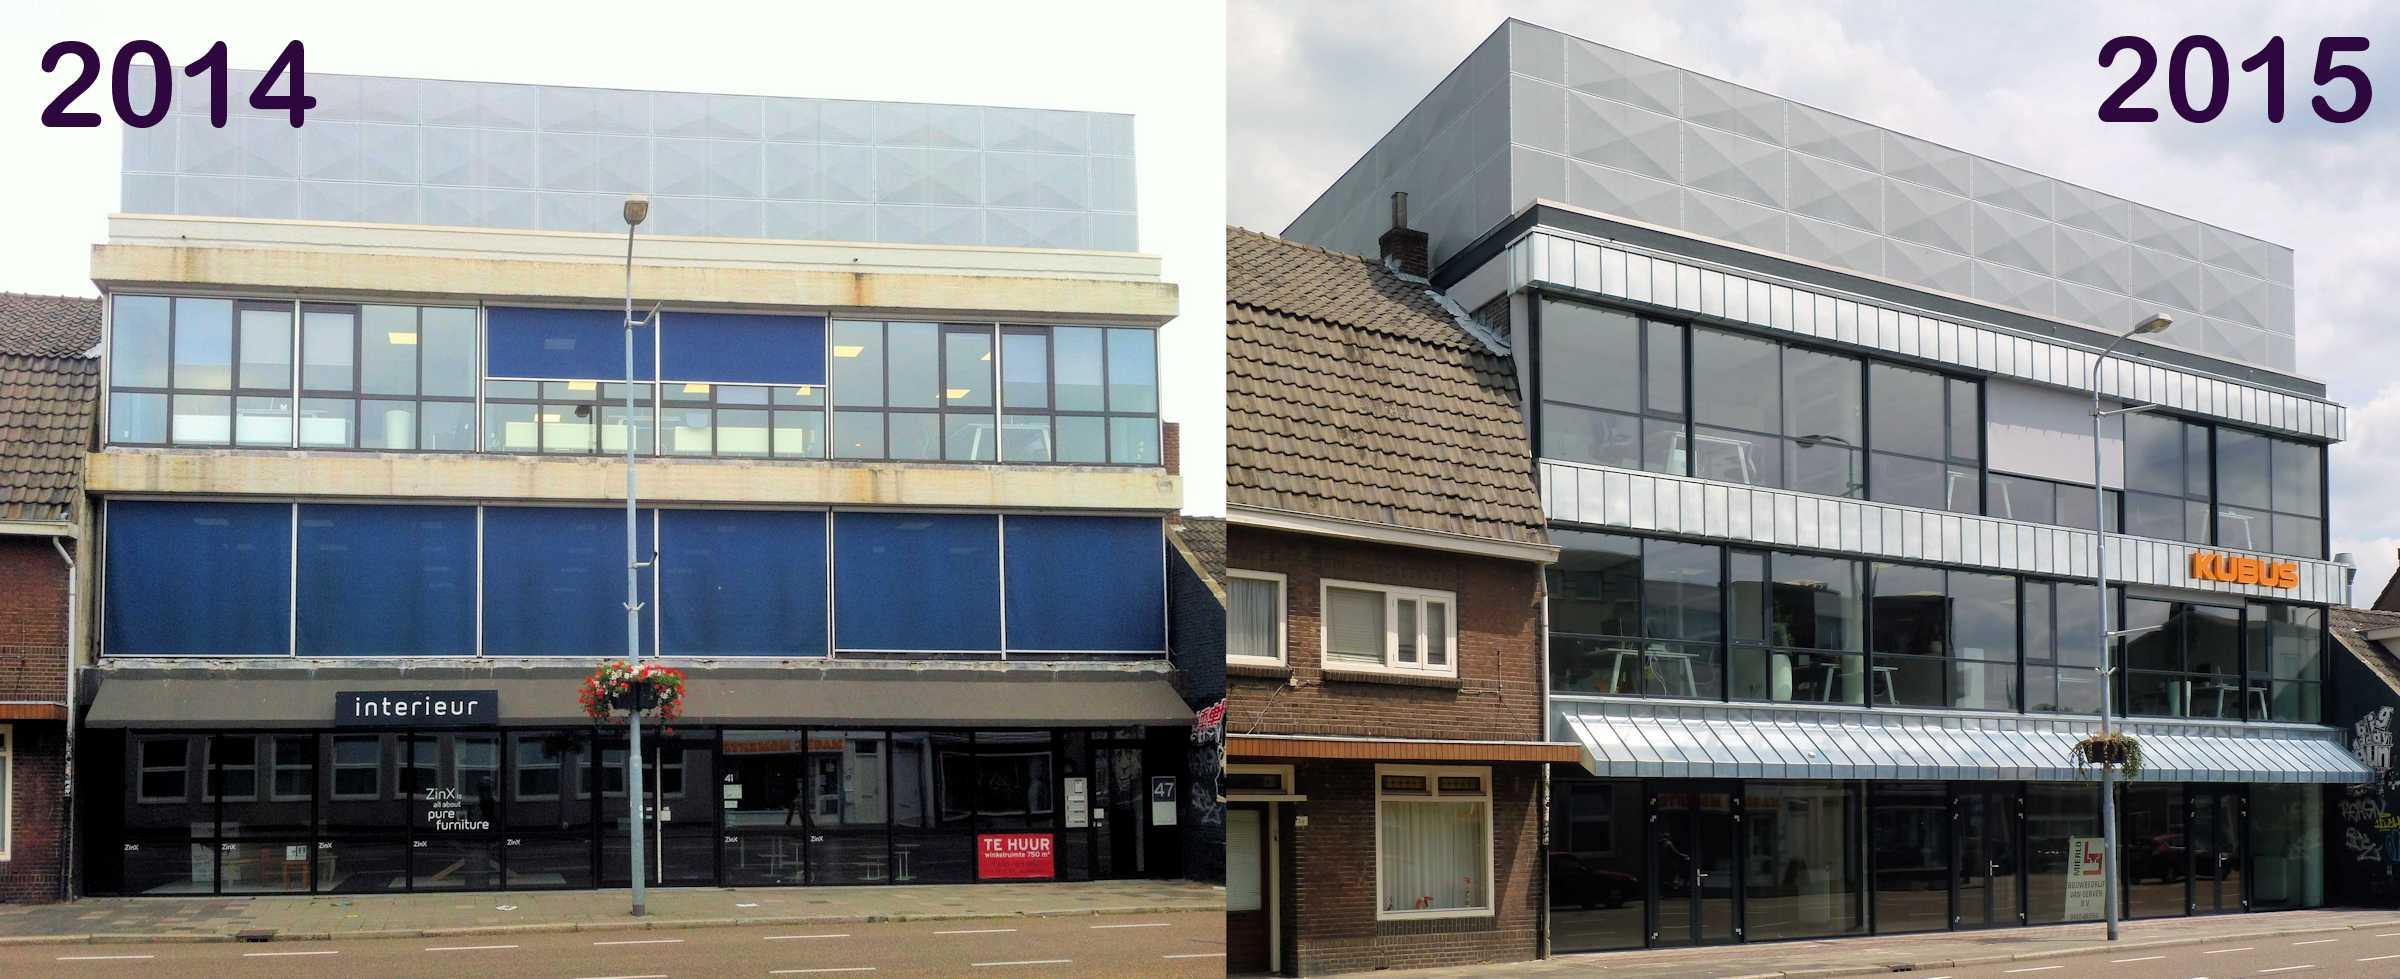 Transformatie kubus gebouw archifoor co peratie u a - Architectuur en constructie ...